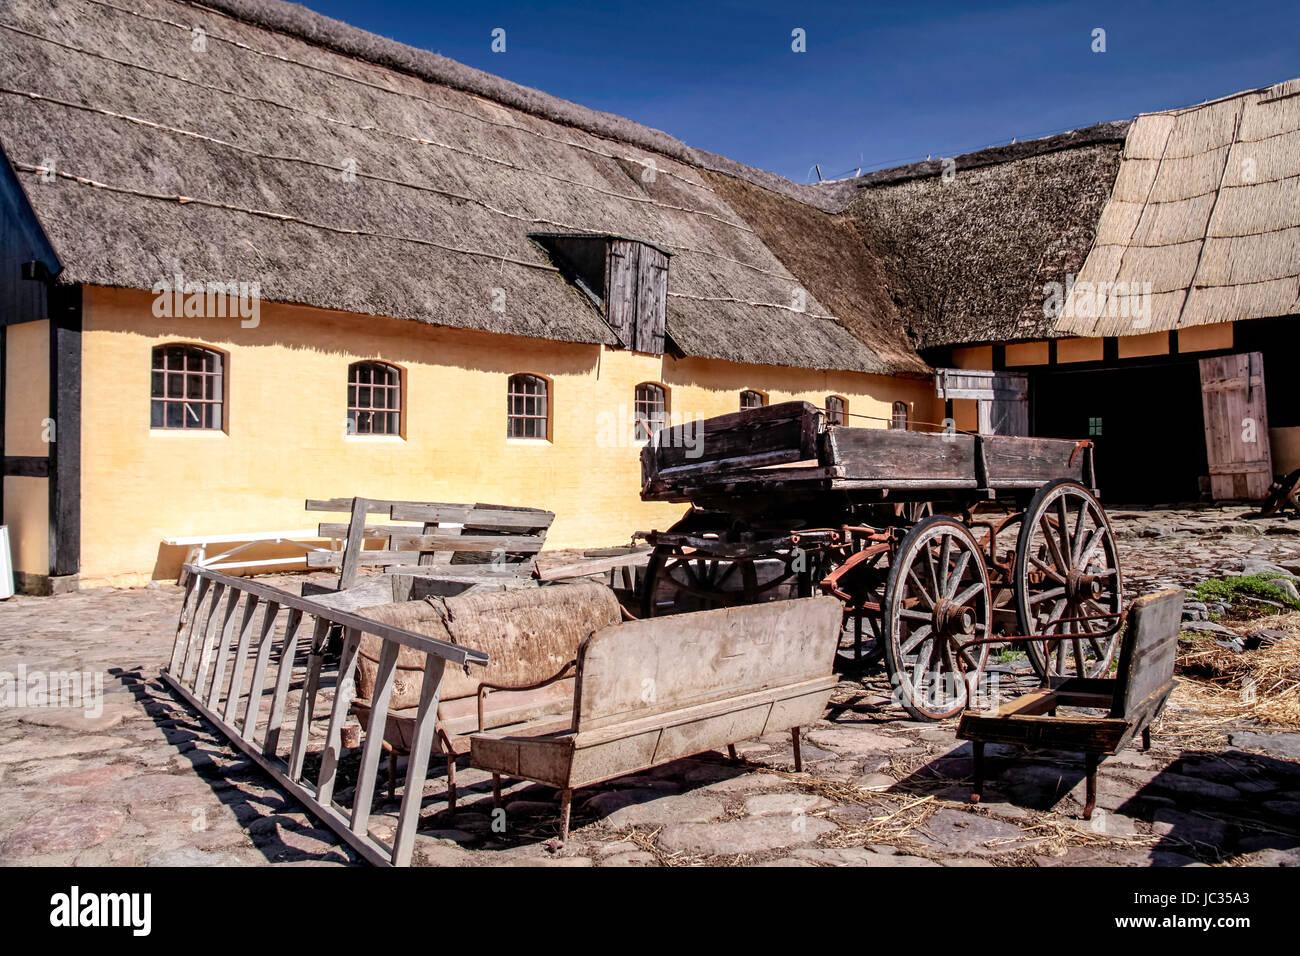 Alter Bauernhof beim kleinen Ort Melsted an der Küste Bornholms, Dänemark - Stock Image